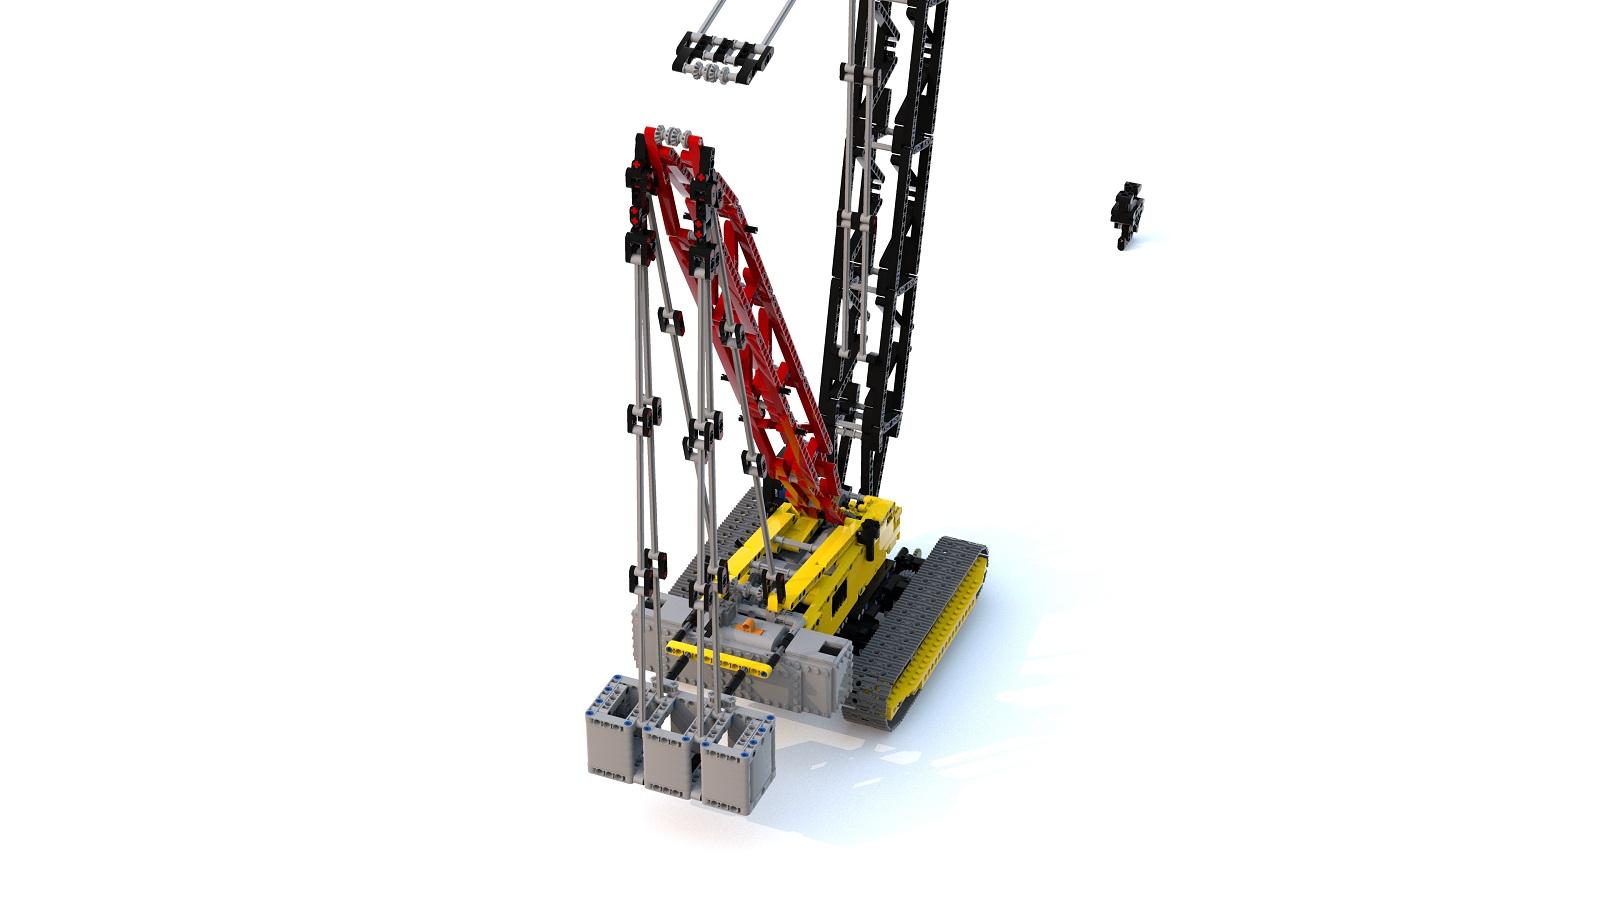 crawler_crane_derrick_1600_2.jpg